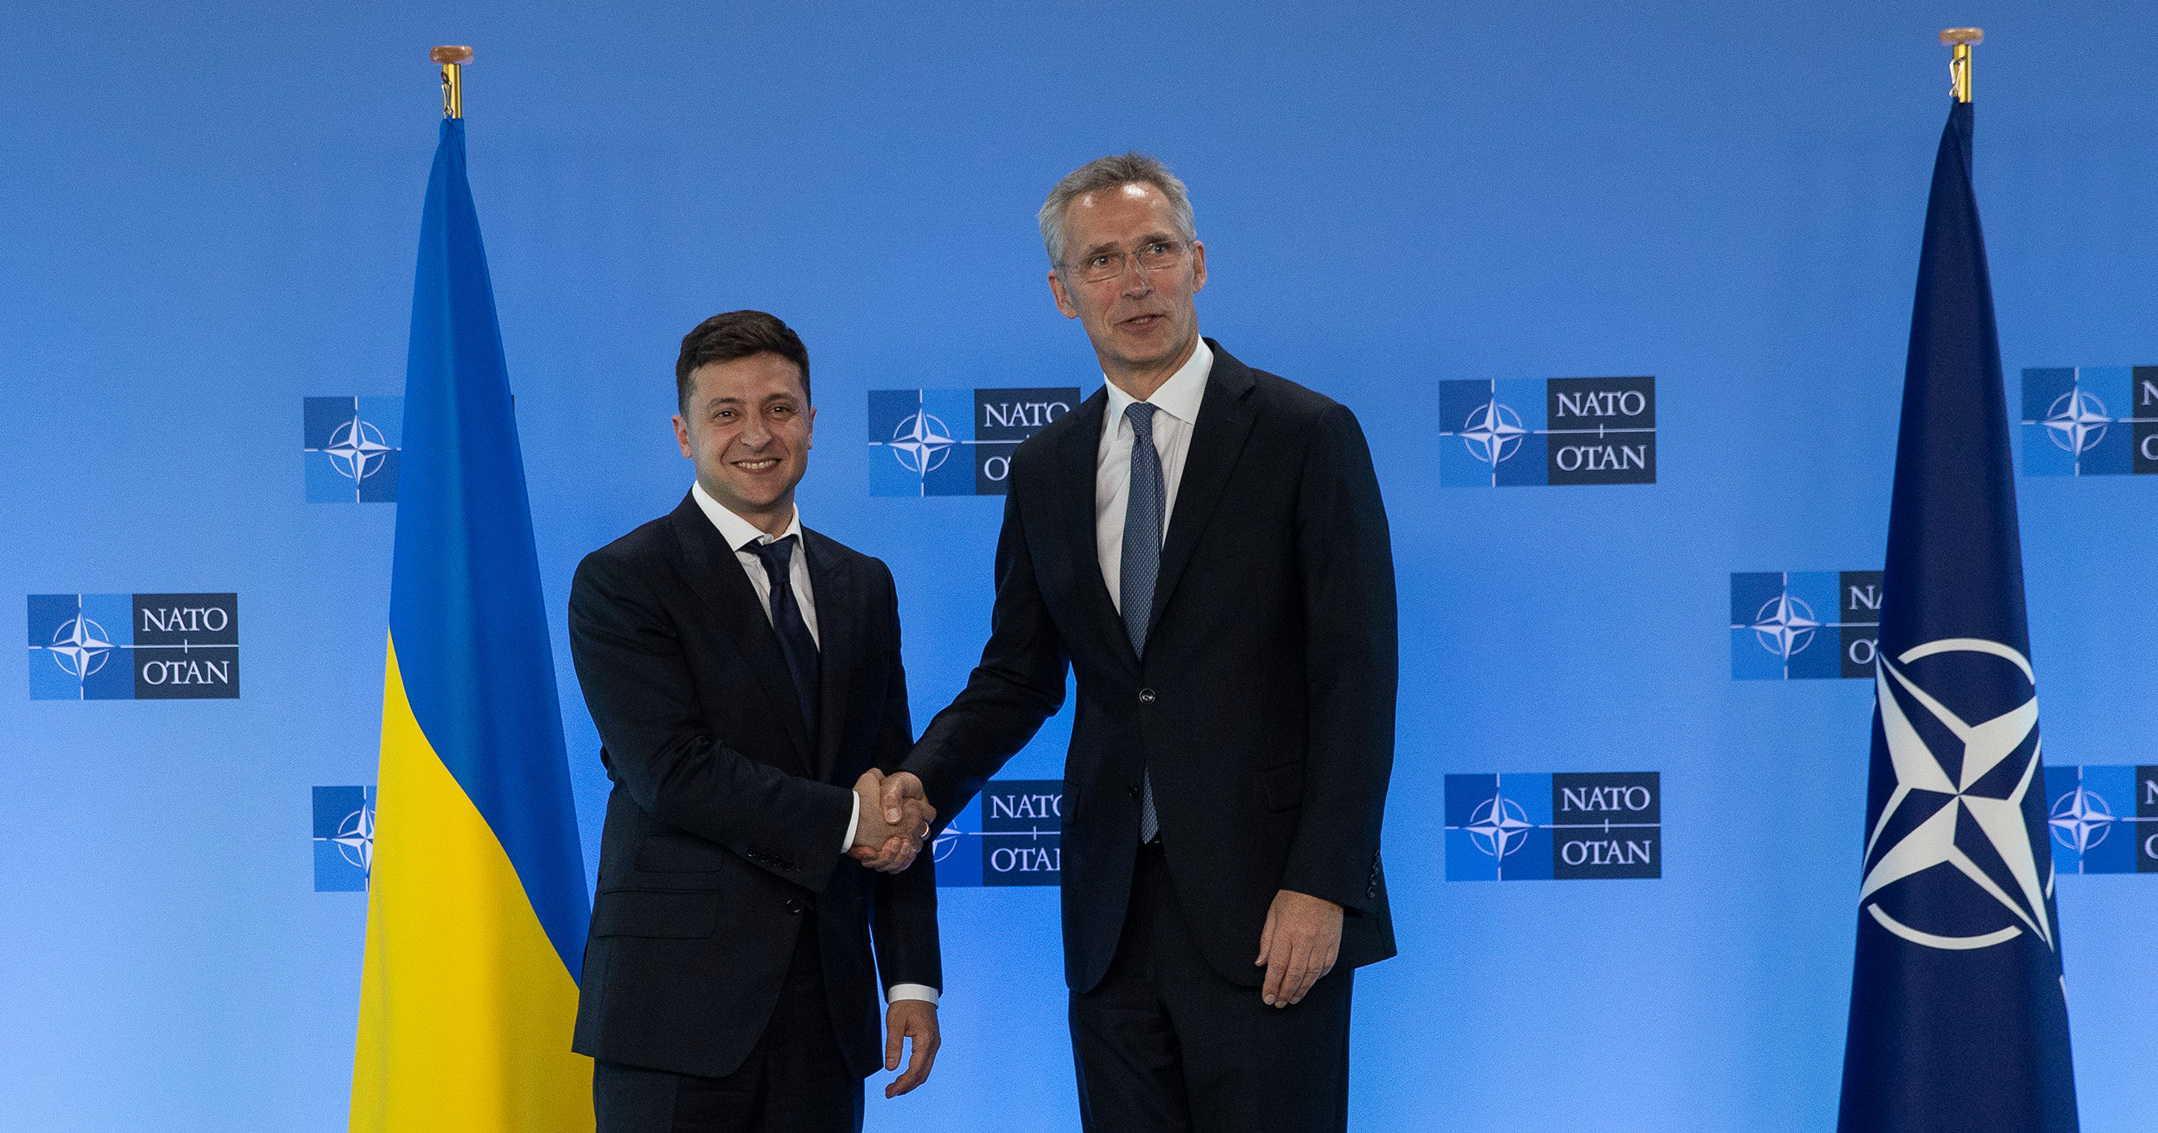 Президент Украины Владимир Зеленский на встрече с генсеком НАТО Йенсом Столтенбергом